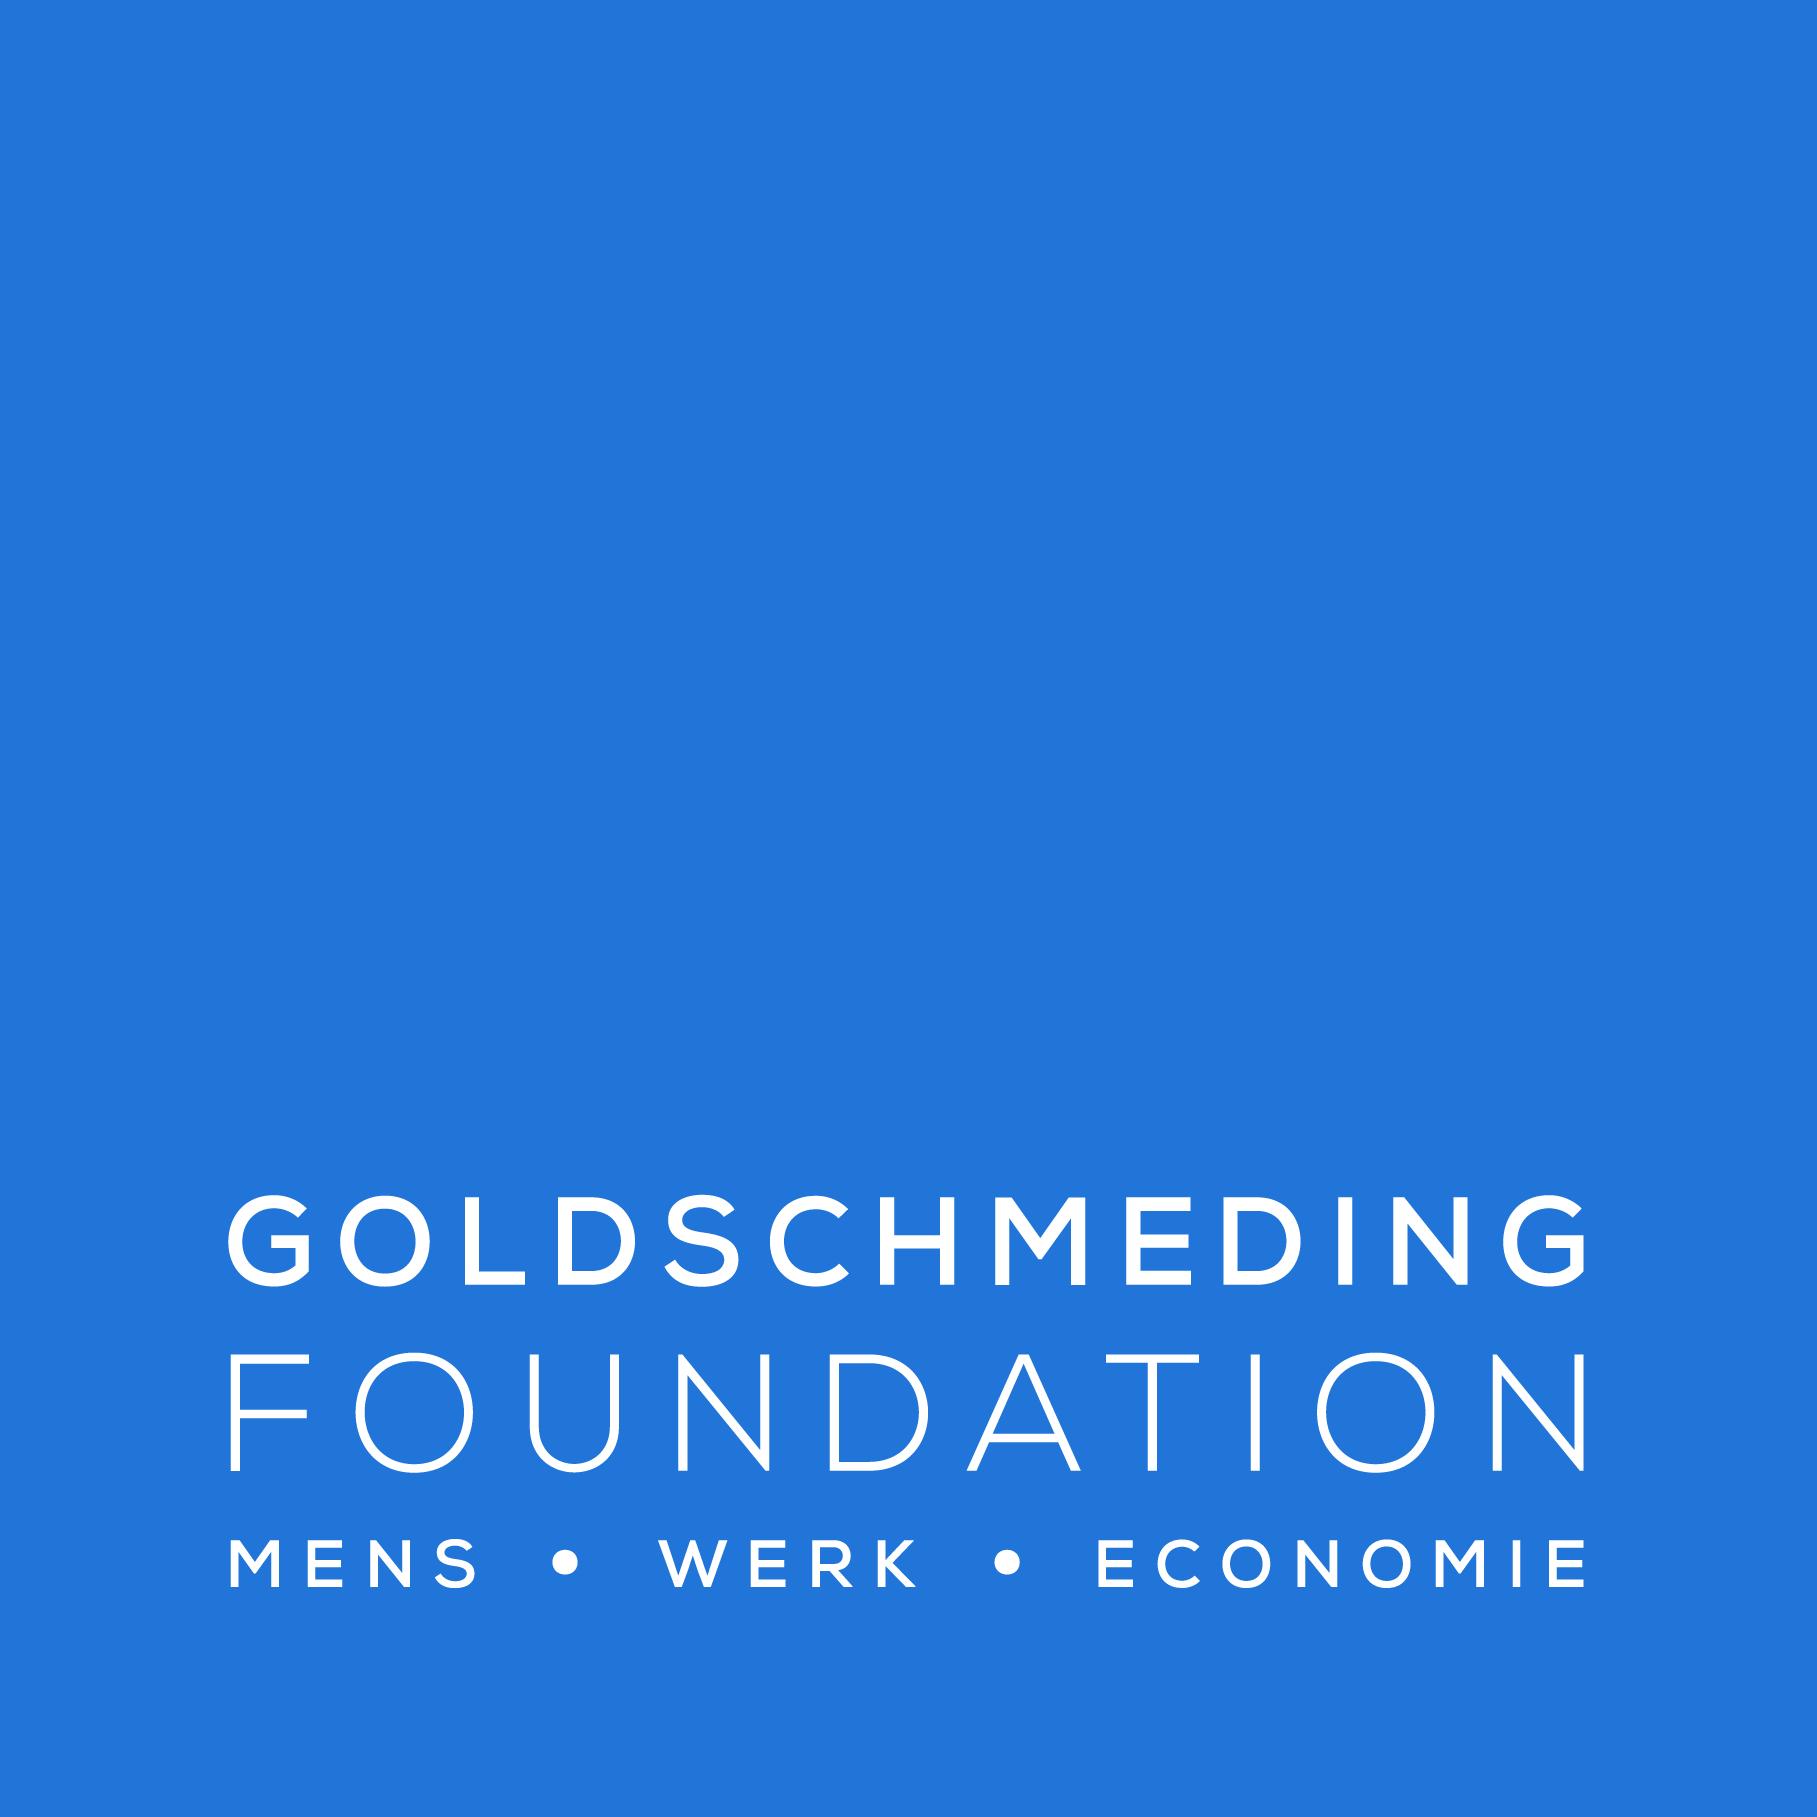 Goldschmeding